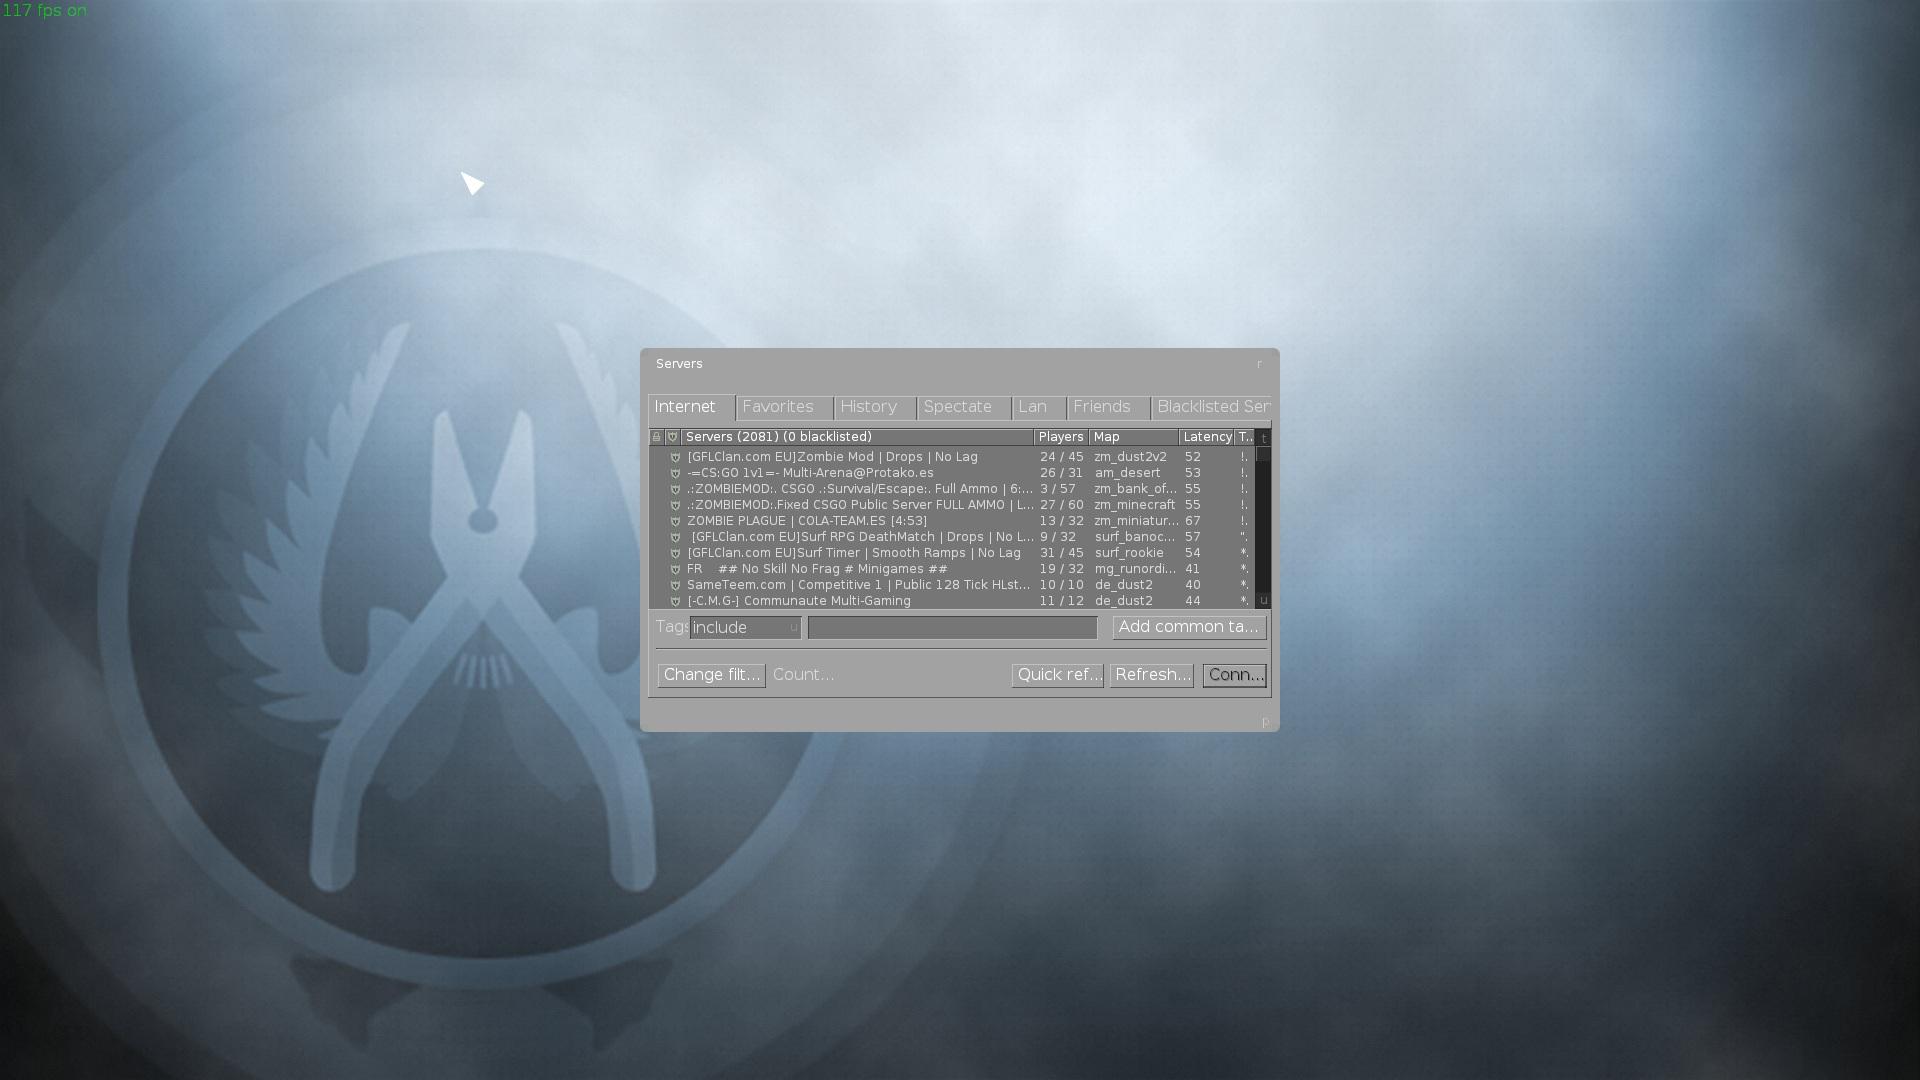 Nach mehr als zwei Jahren seit Release erwartet CS:GO ein Revival unter SteamOS Linux.